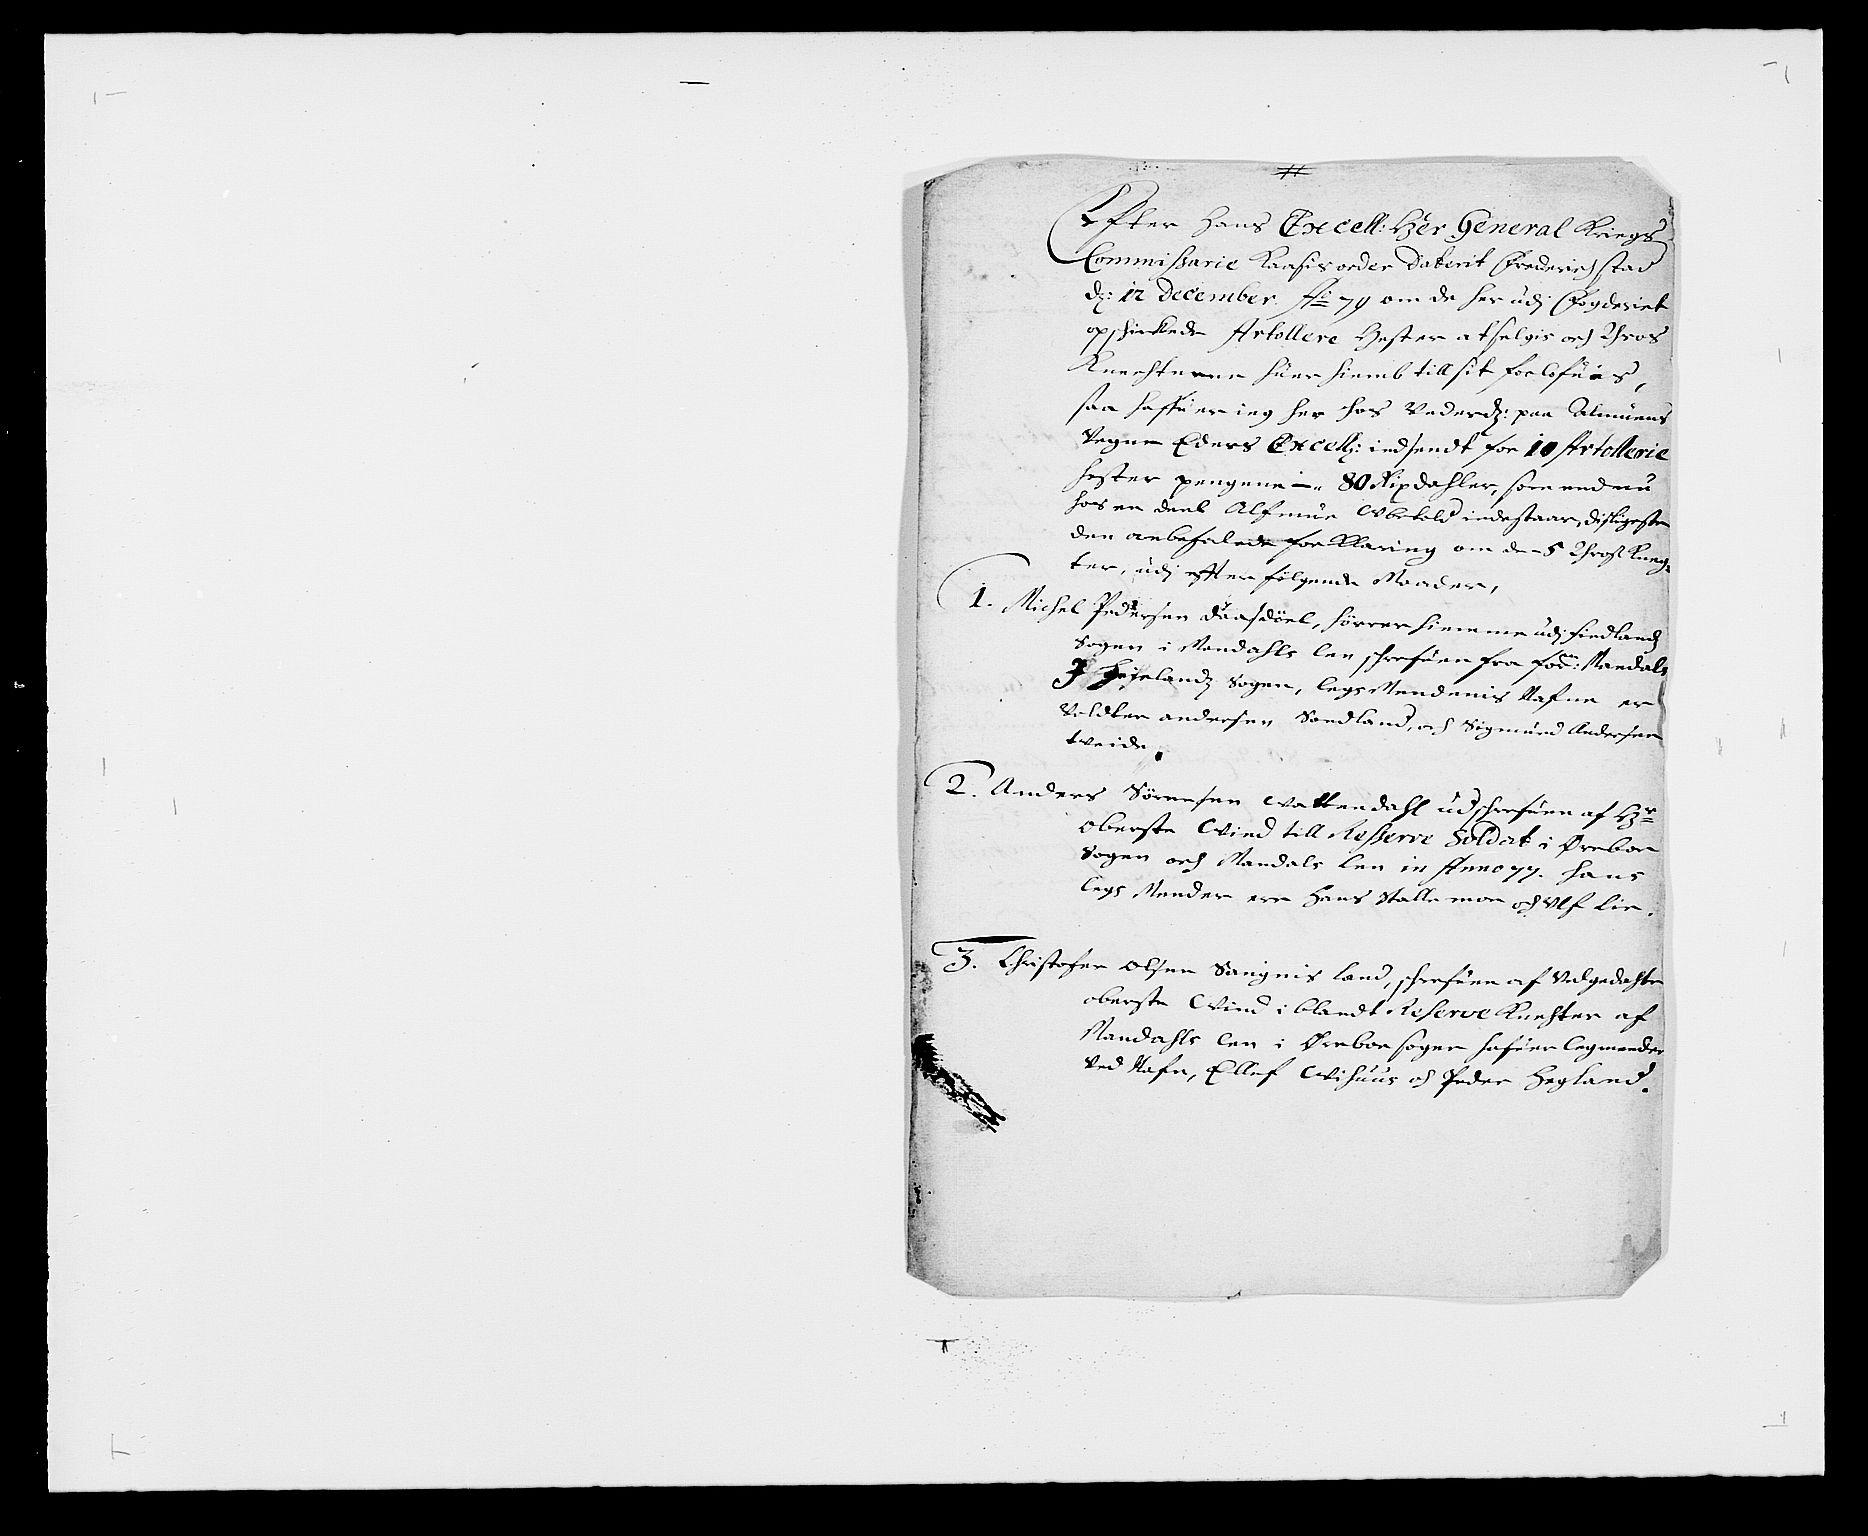 RA, Rentekammeret inntil 1814, Reviderte regnskaper, Fogderegnskap, R18/L1272: Fogderegnskap Hadeland, Toten og Valdres, 1679, s. 186